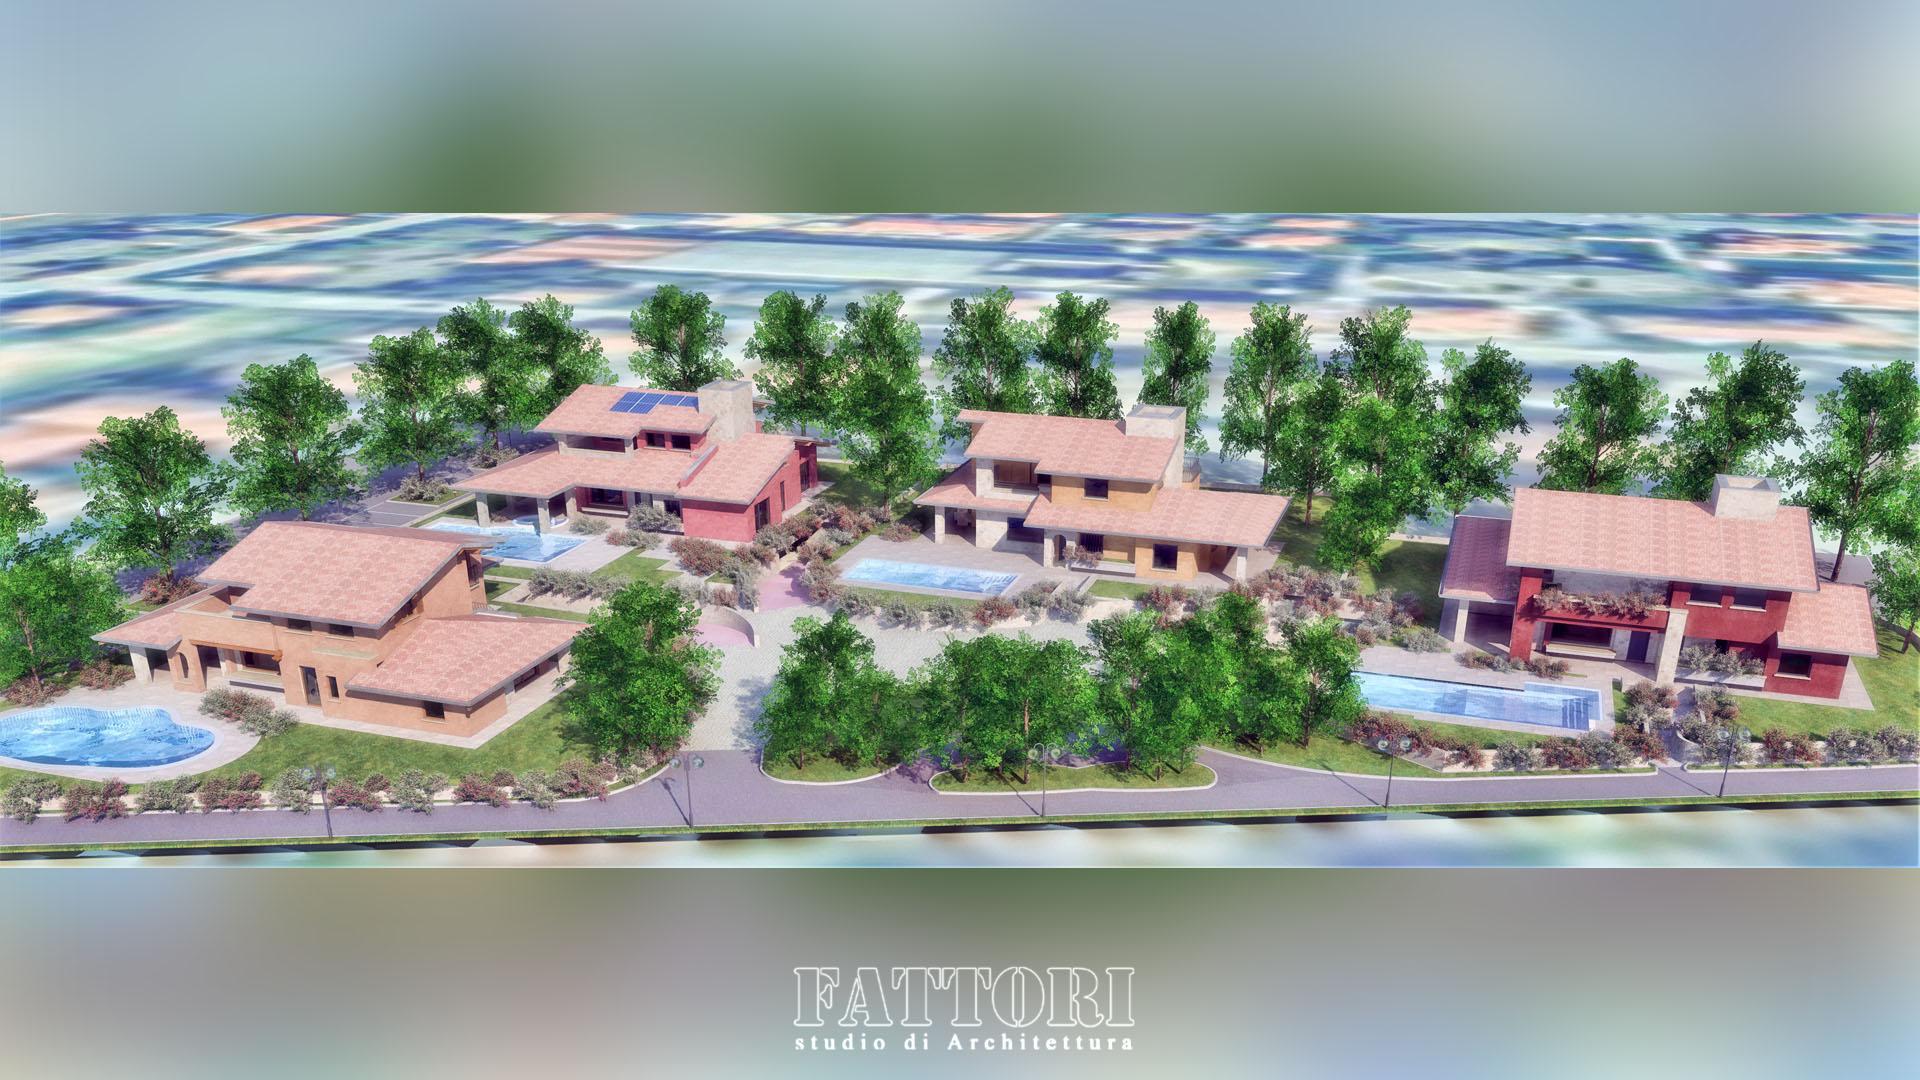 studio_di_architettura_fattori_fausto_progettazione ville case residenziali_11